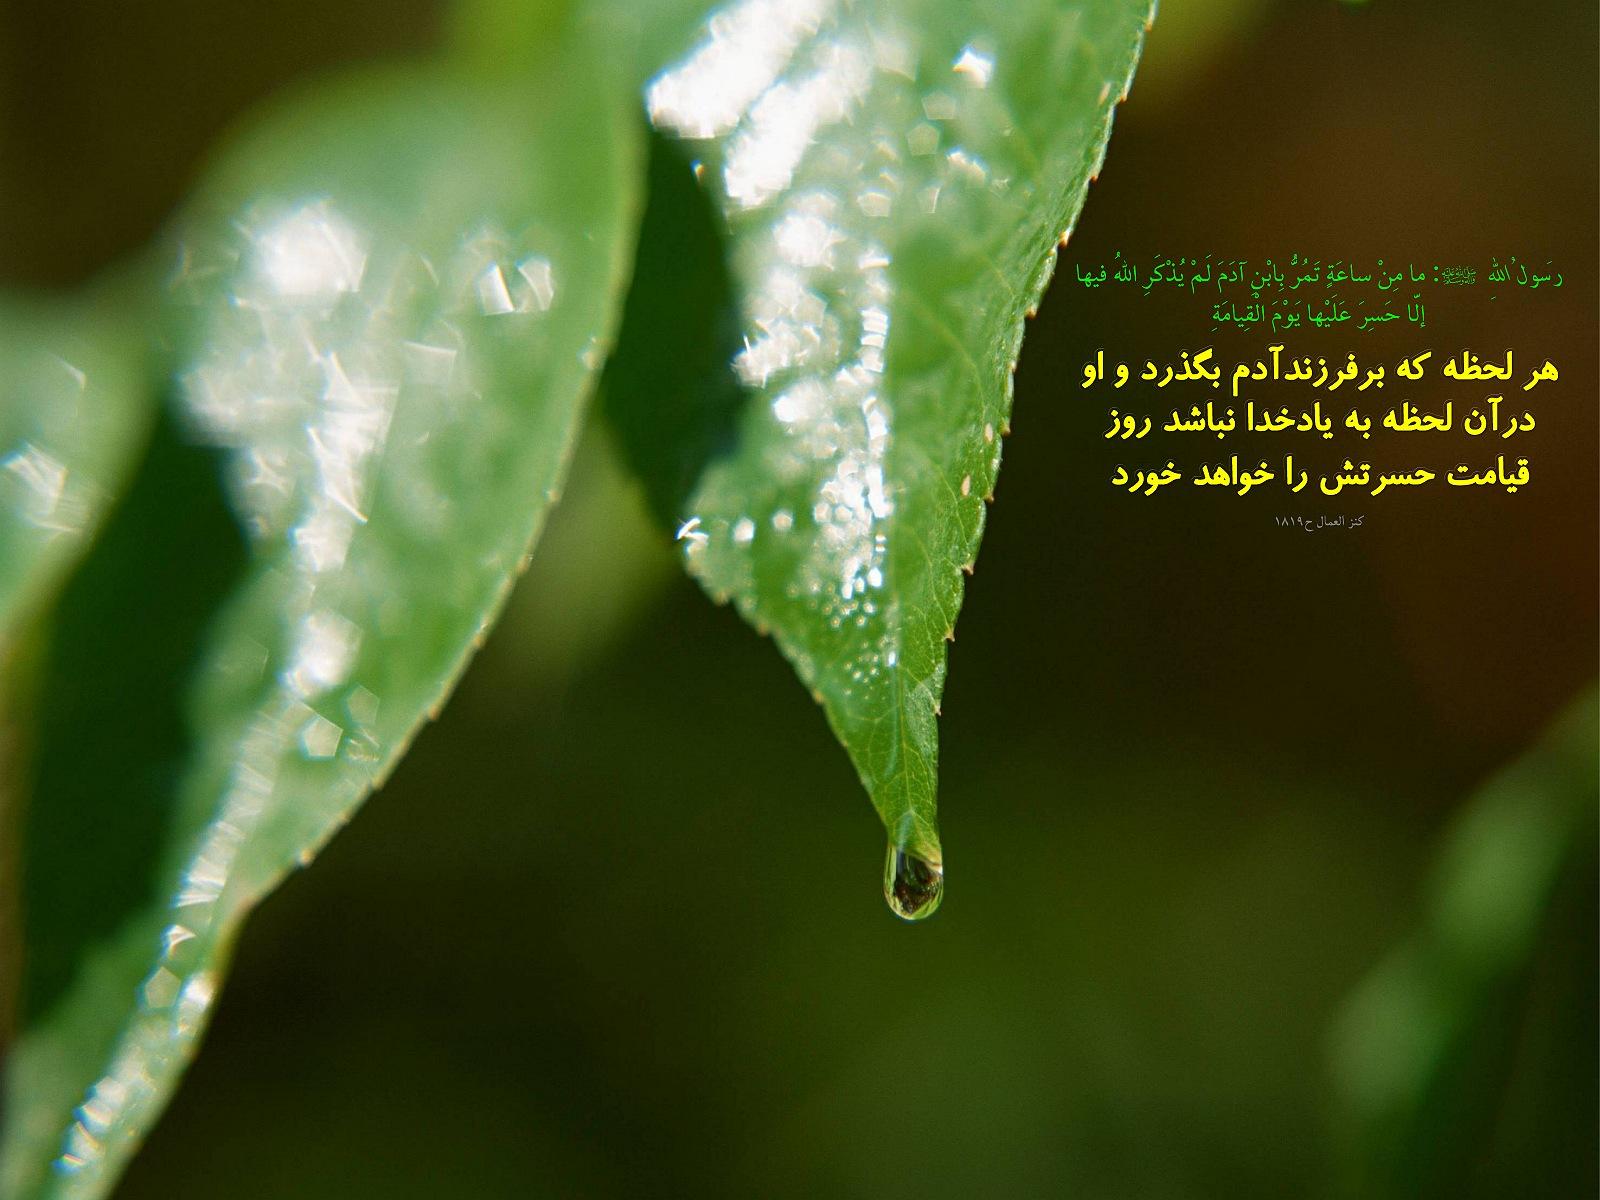 http://anti211.persiangig.com/hidith-tasviri/641Hadis%20H196.jpg